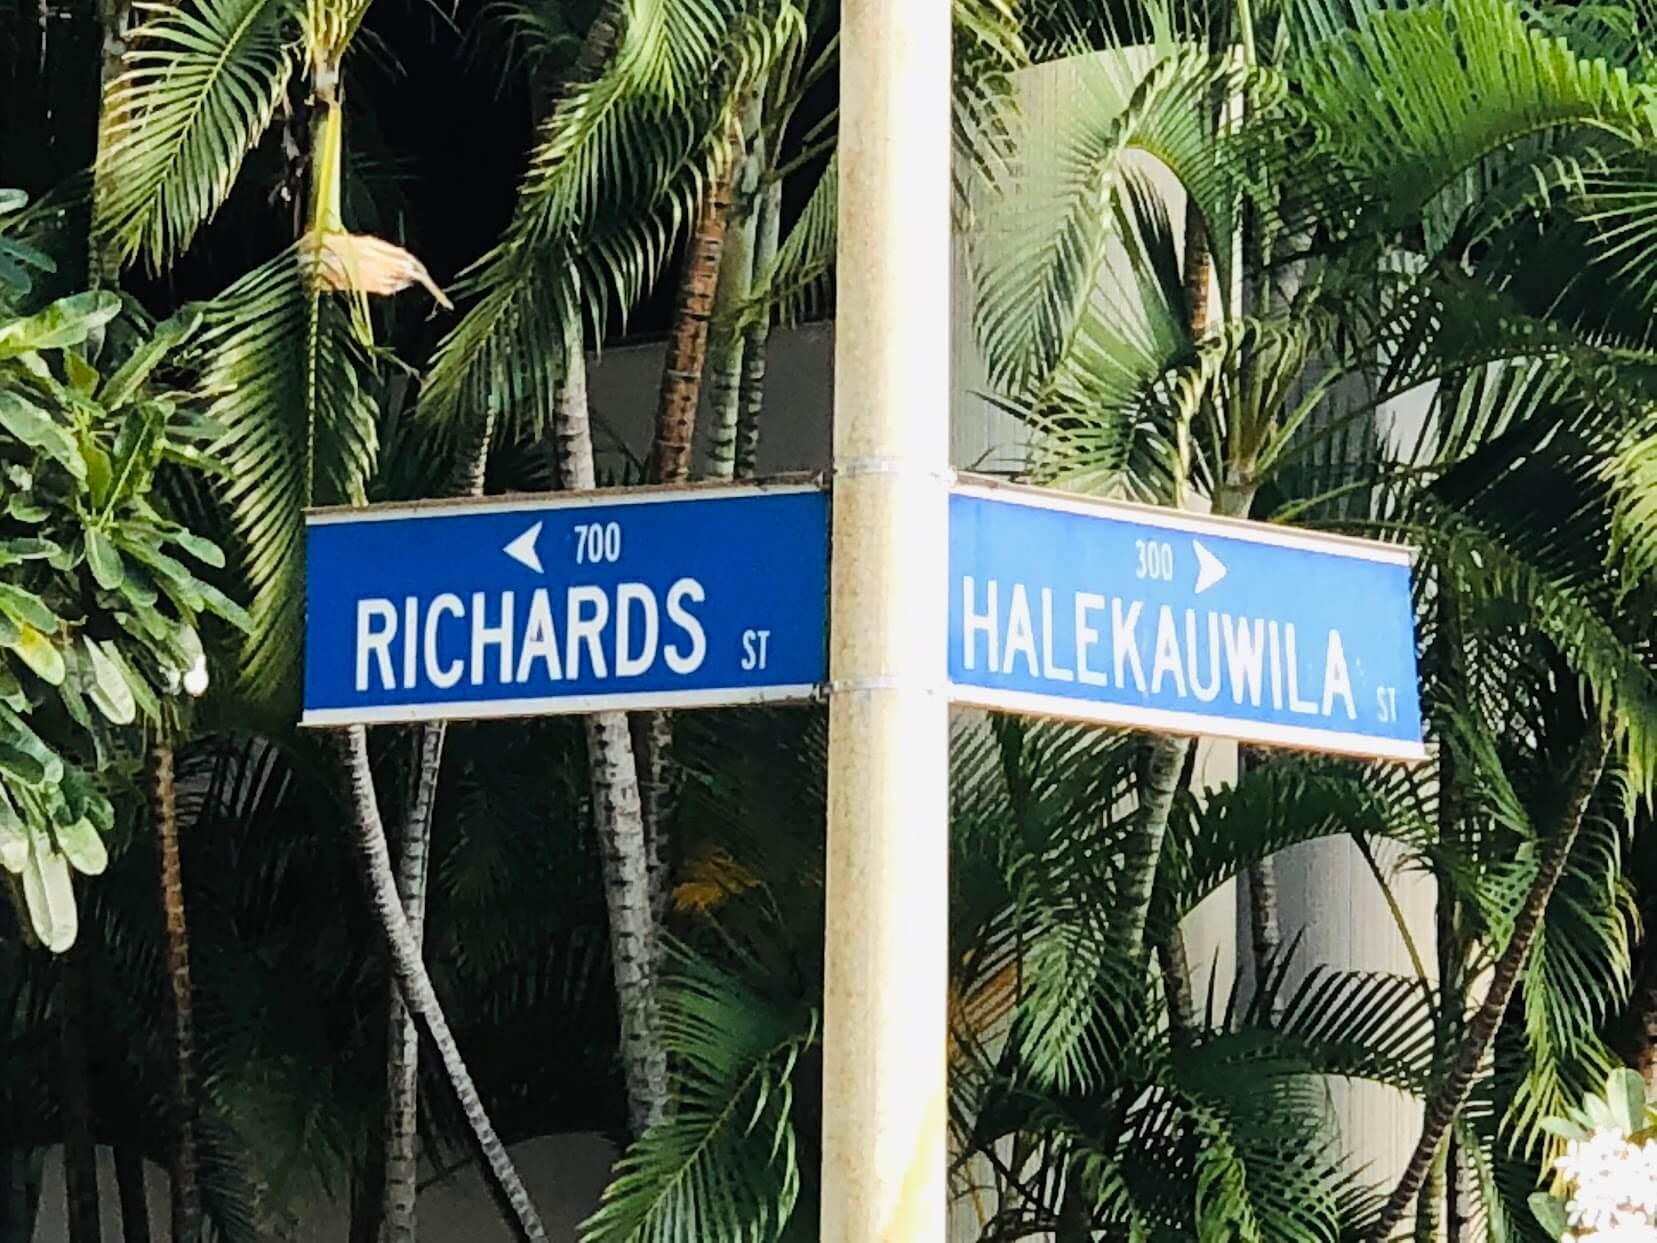 Harbor Squareの標識